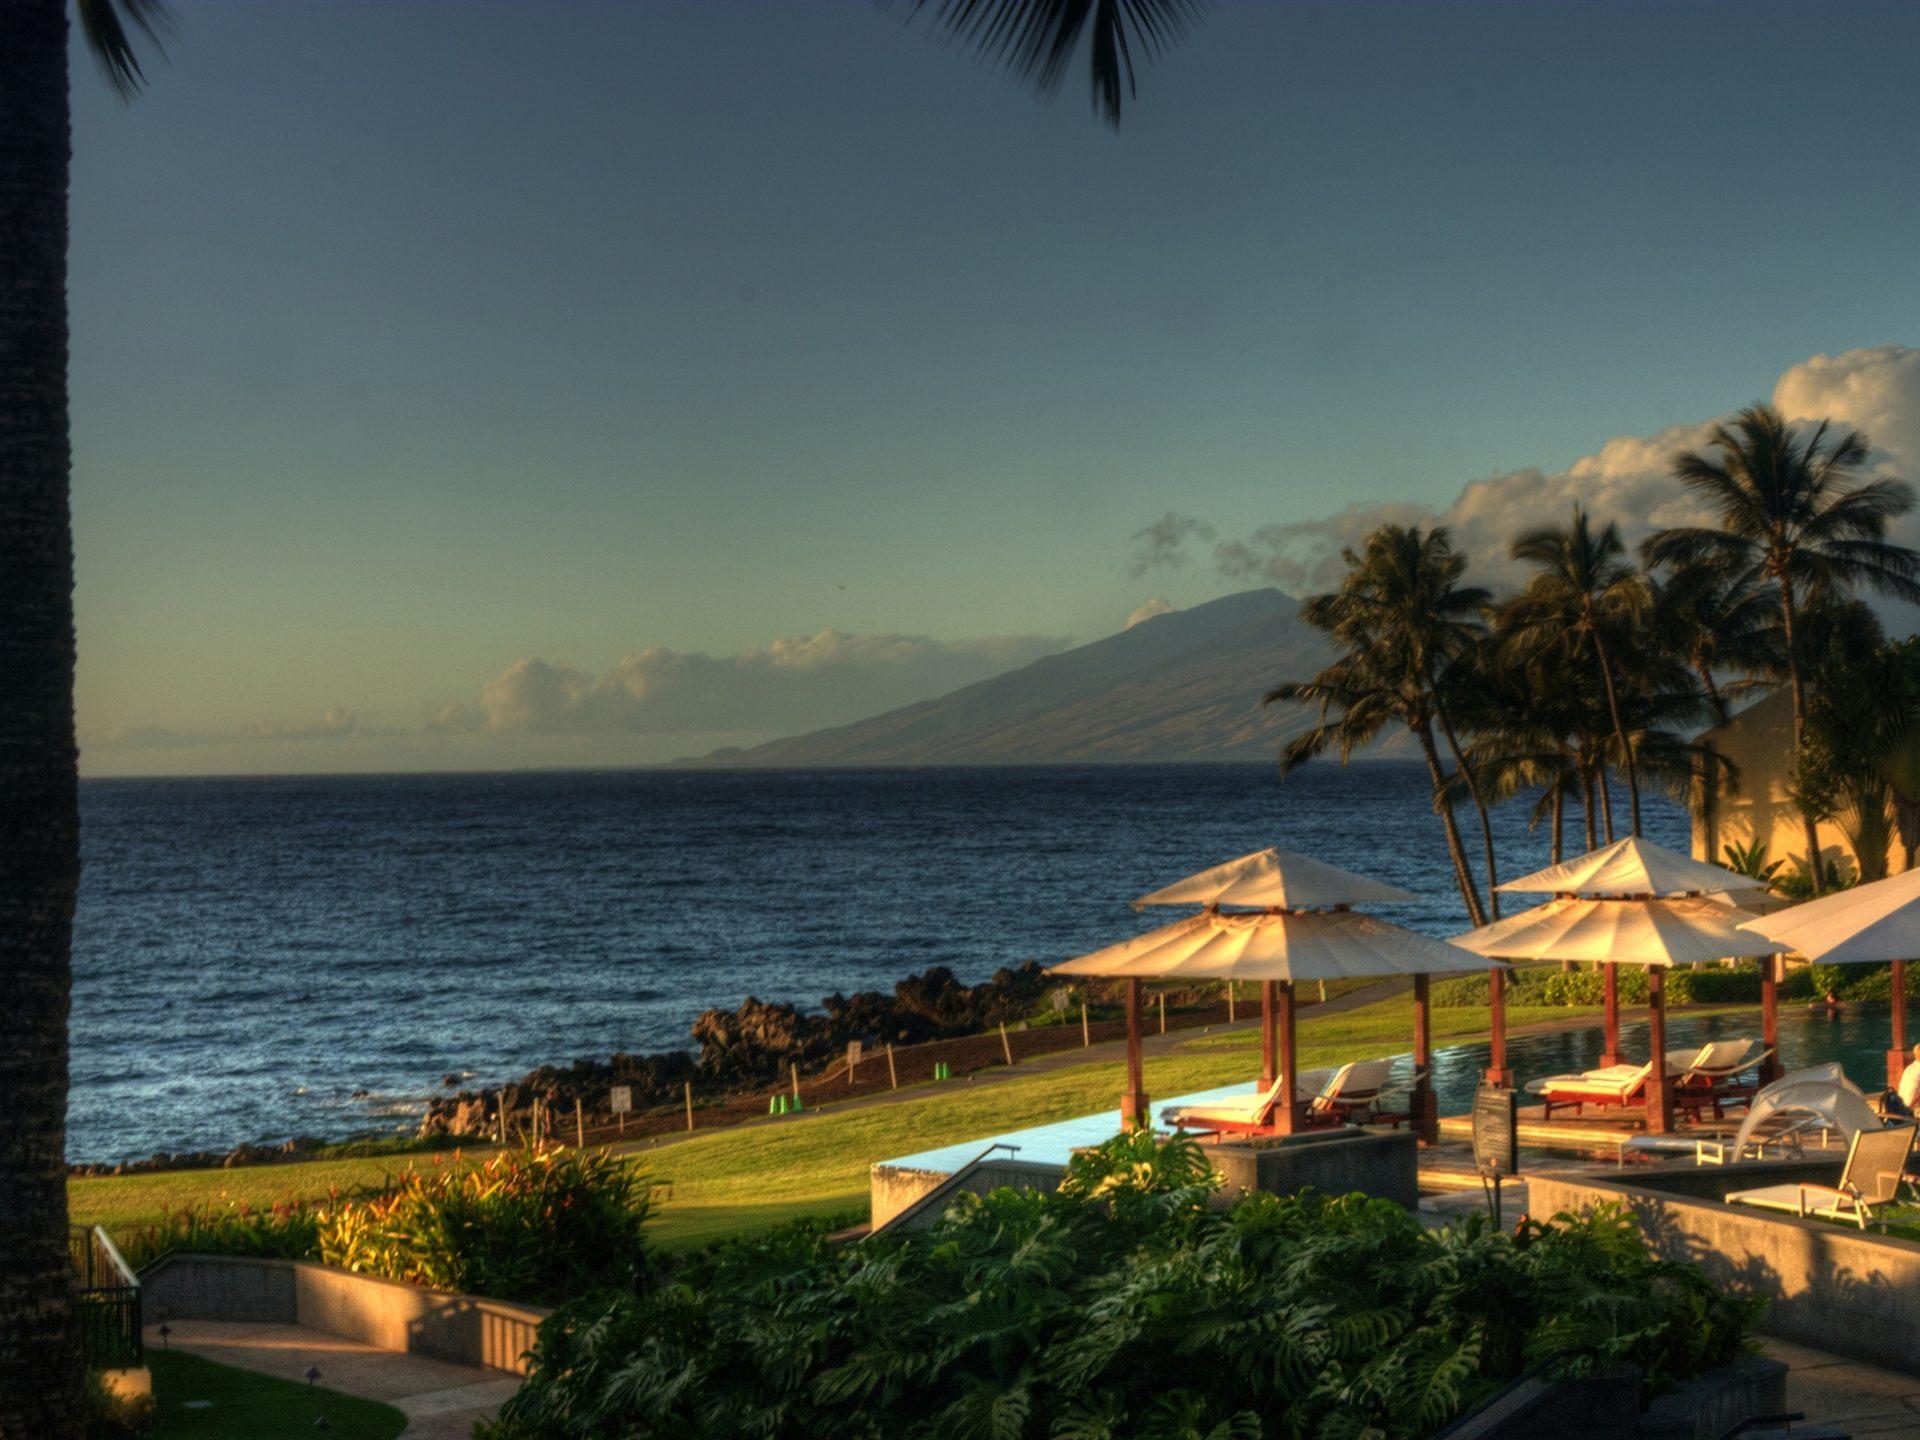 Wailea Maui Hawaii Desktop Background 560636